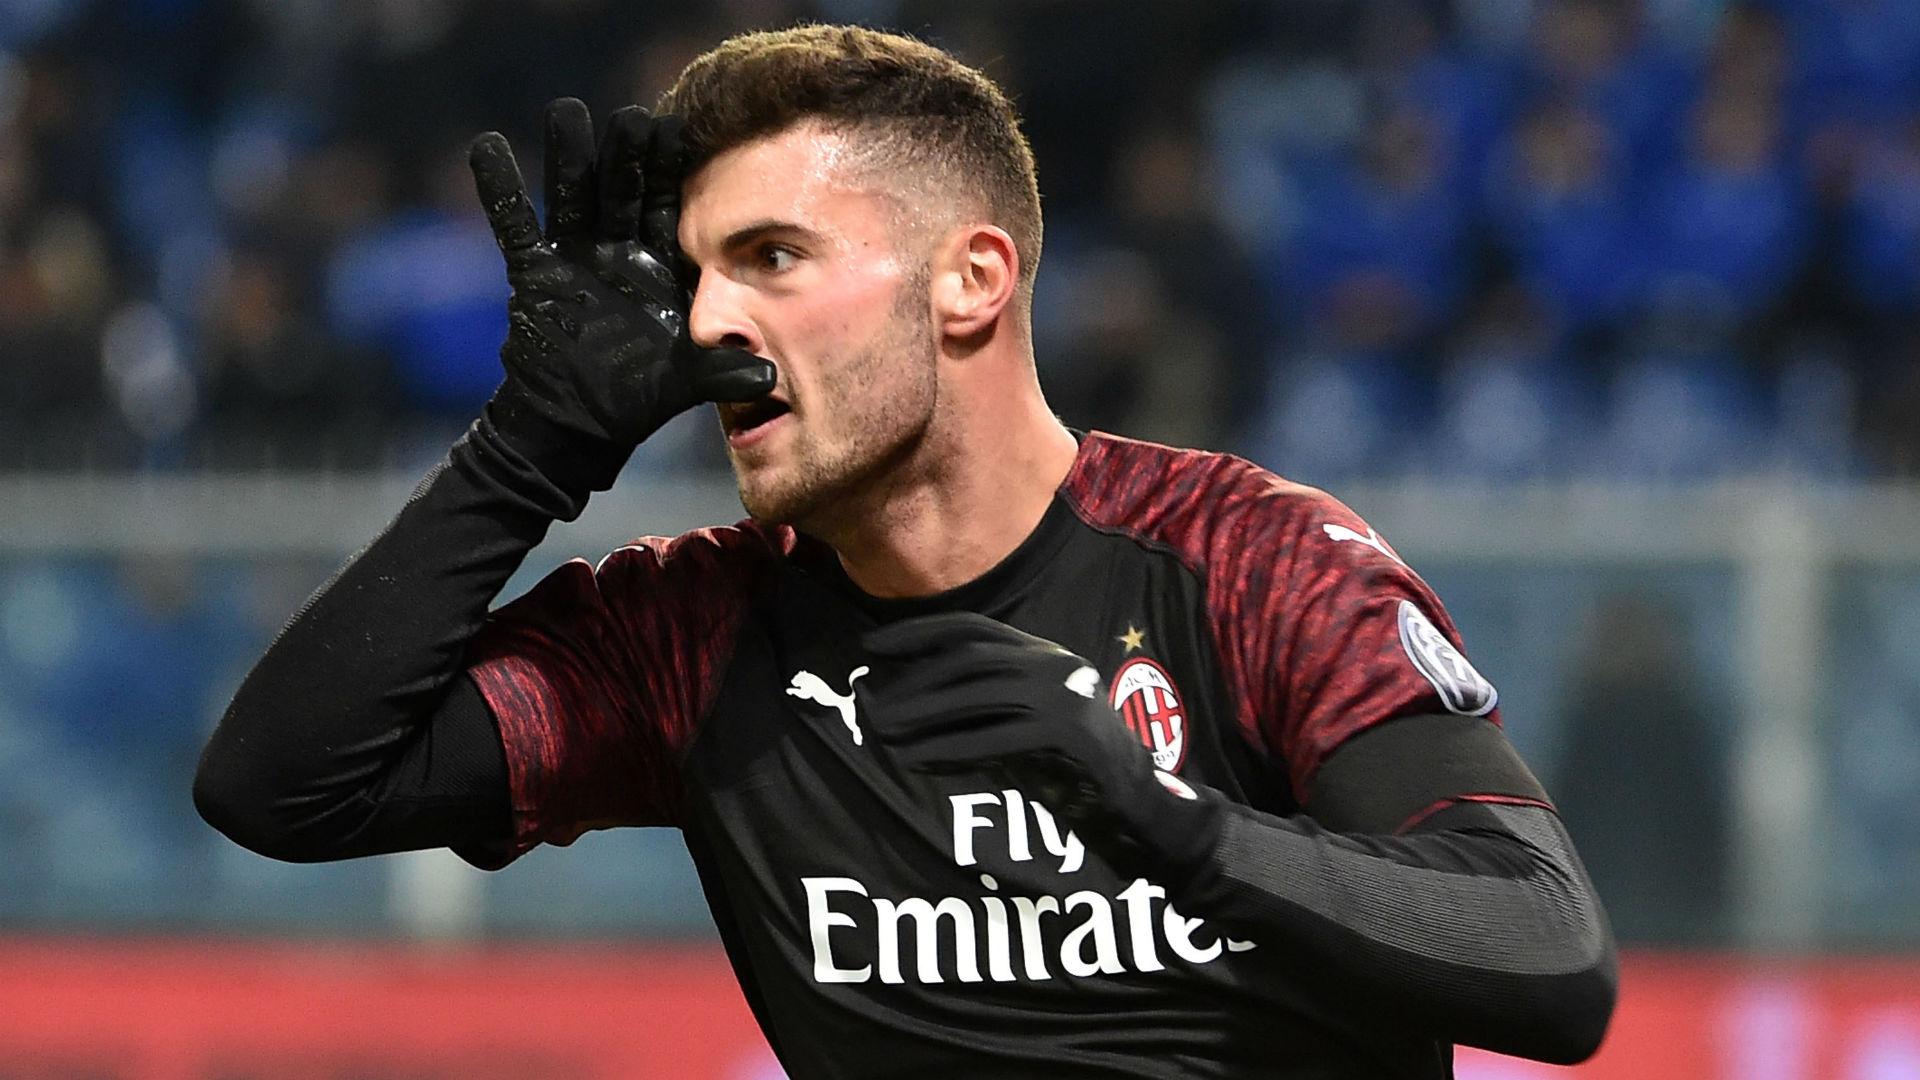 Il Milan travolge l'Empoli